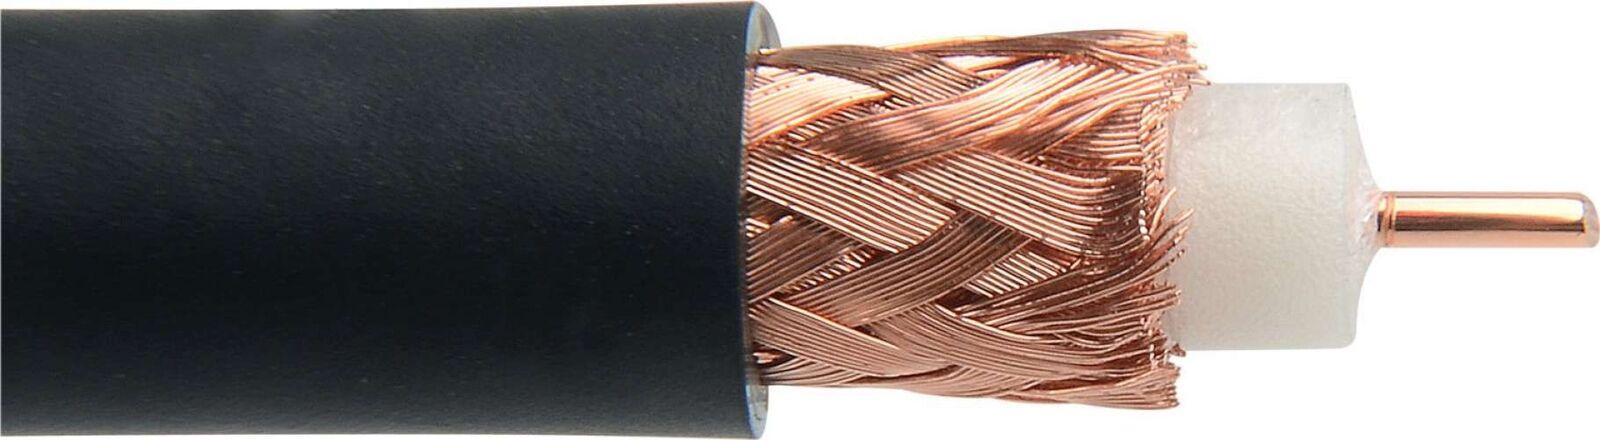 Nuevo Cable Coaxial Canare L-5CFW 100 M M M 75ohm Negra de Japón con el número de seguimiento  Todo en alta calidad y bajo precio.